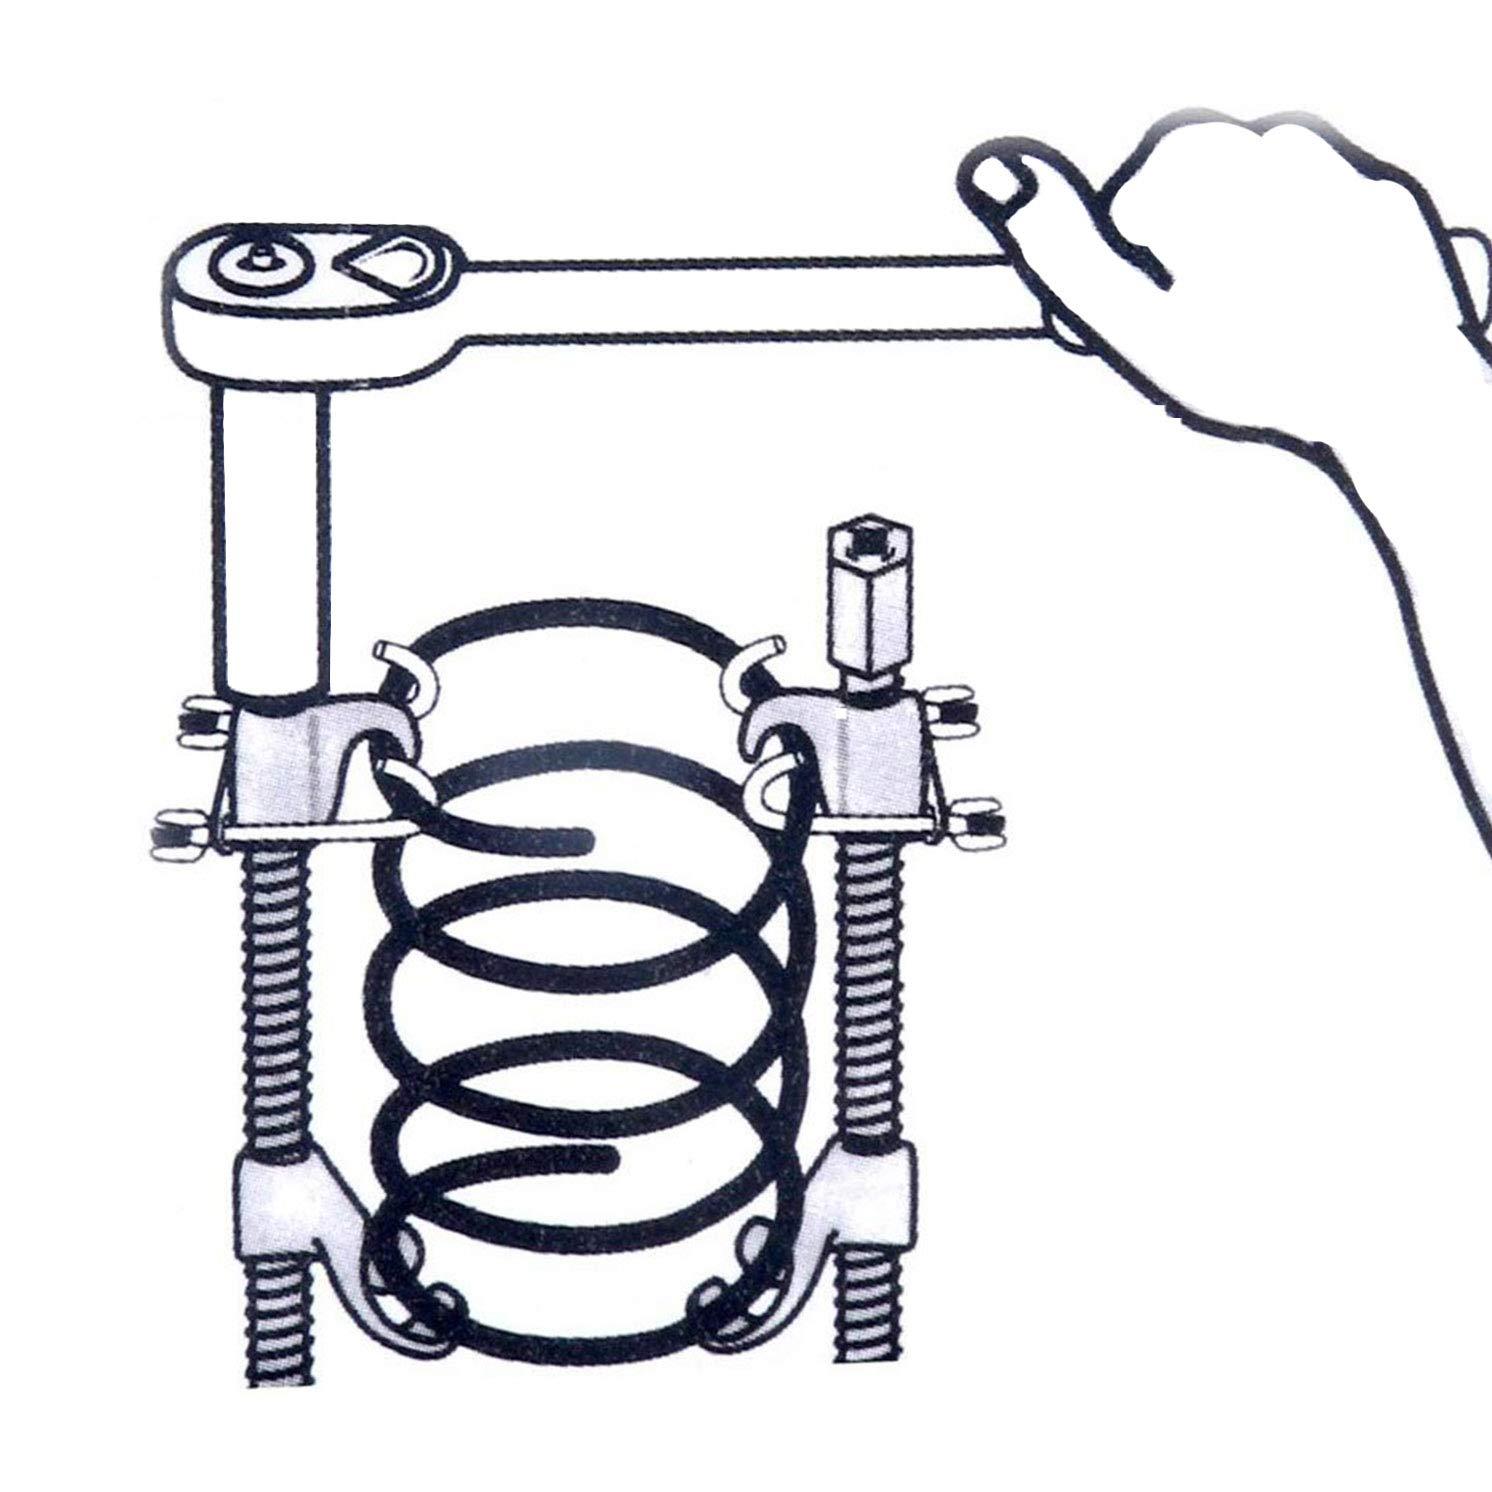 8MILELAKE Pro Internal Coil Strut Remover Coil Spring Compressor Installer Suspe